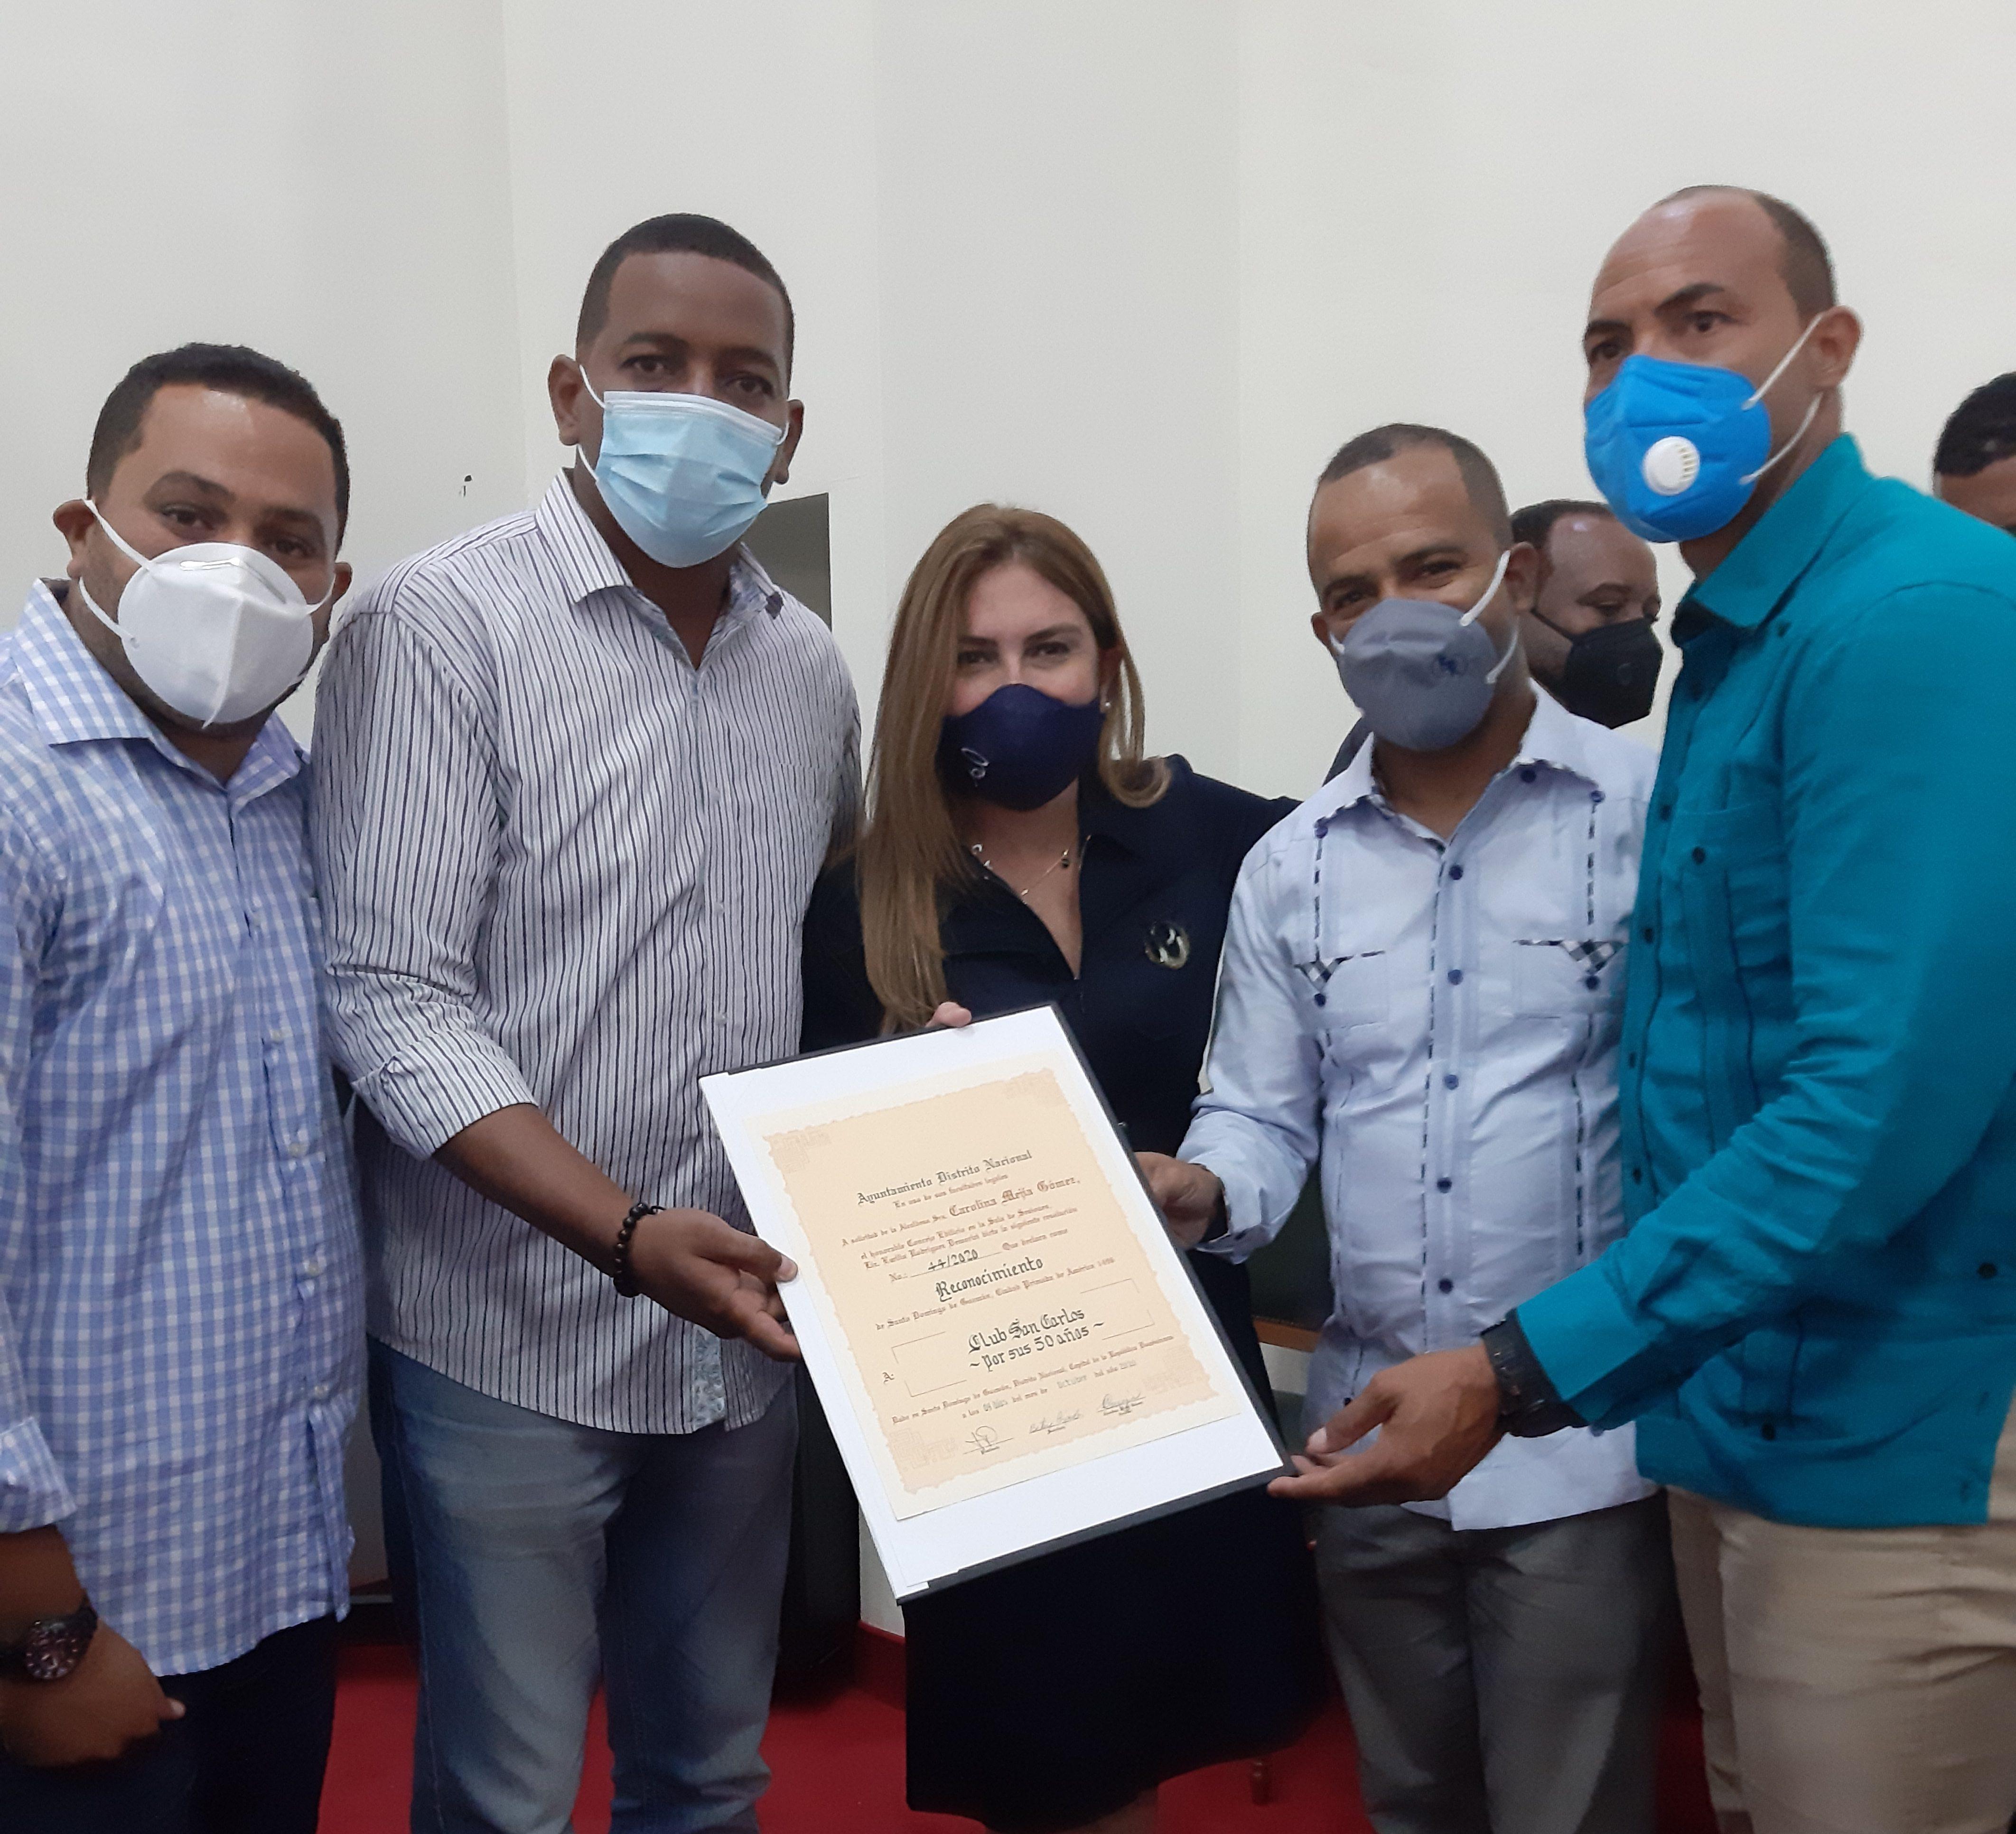 Club San Carlos en coordinación con ADN celebrará desde este domingo su 48 aniversario